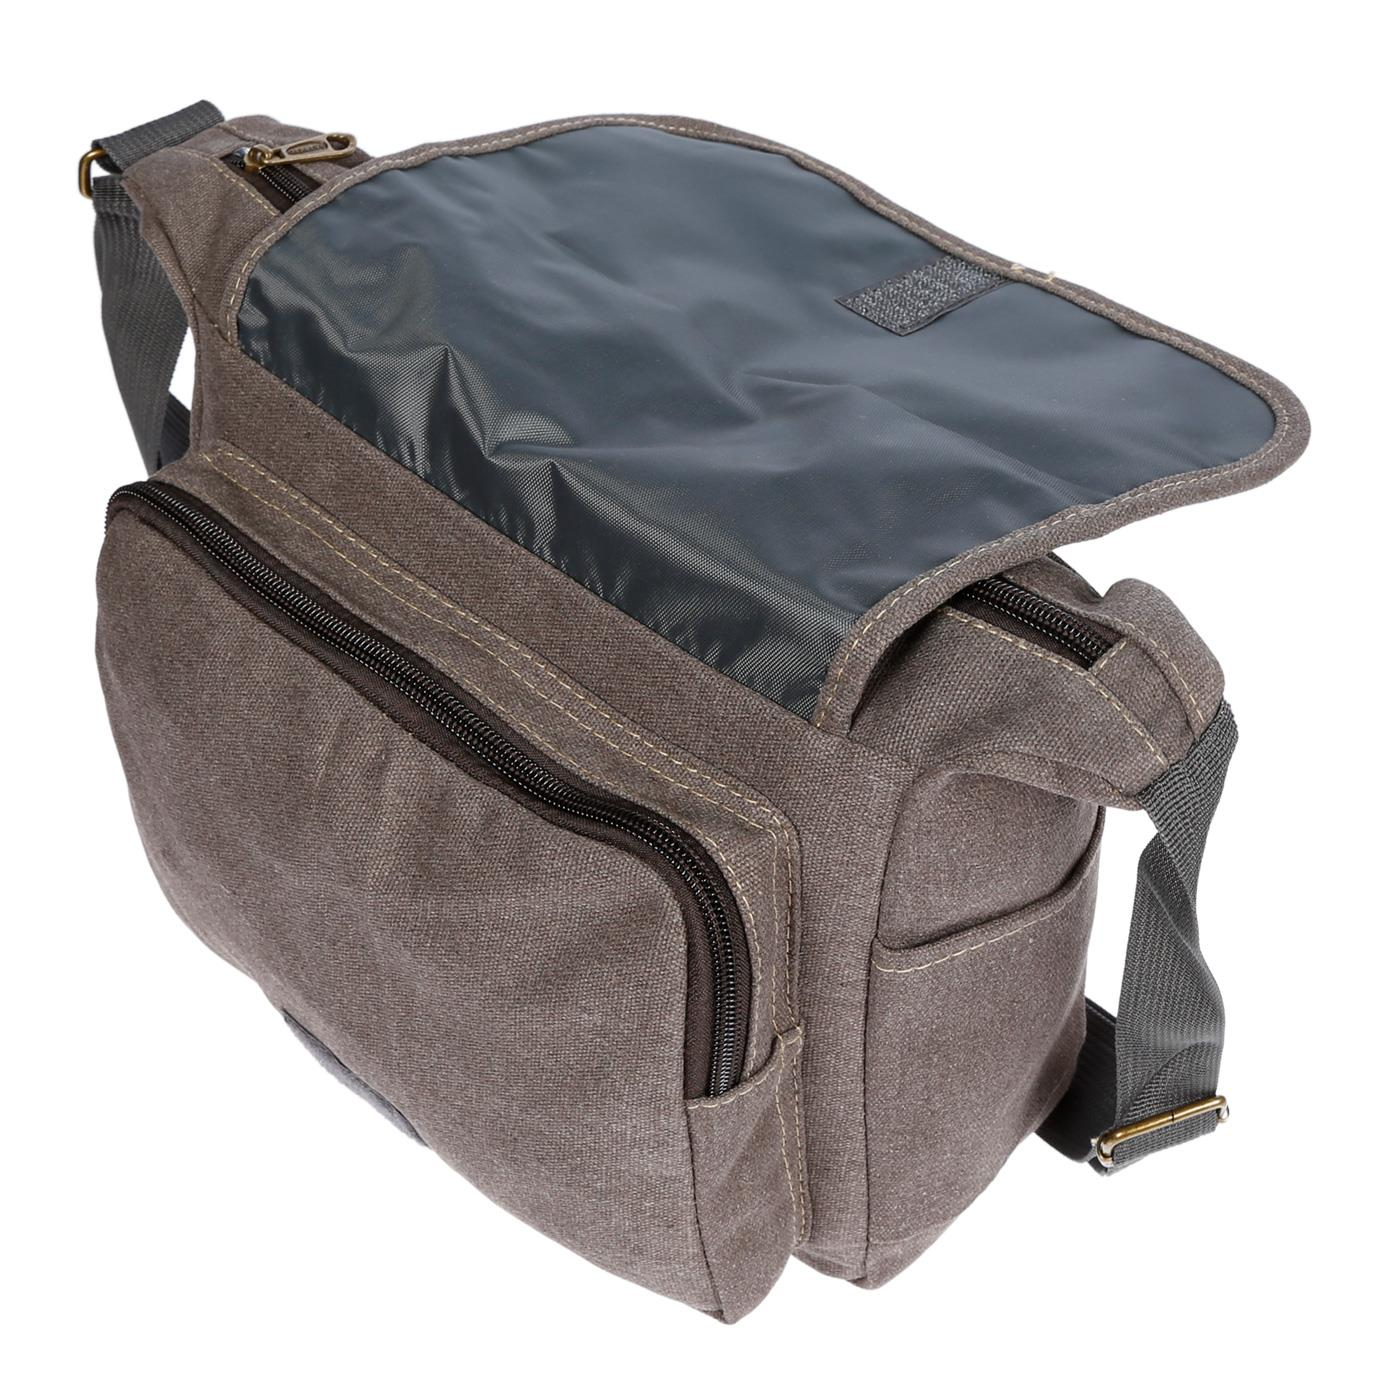 Damen-Tasche-Canvas-Umhaengetasche-Schultertasche-Crossover-Bag-Damenhandtasche Indexbild 35